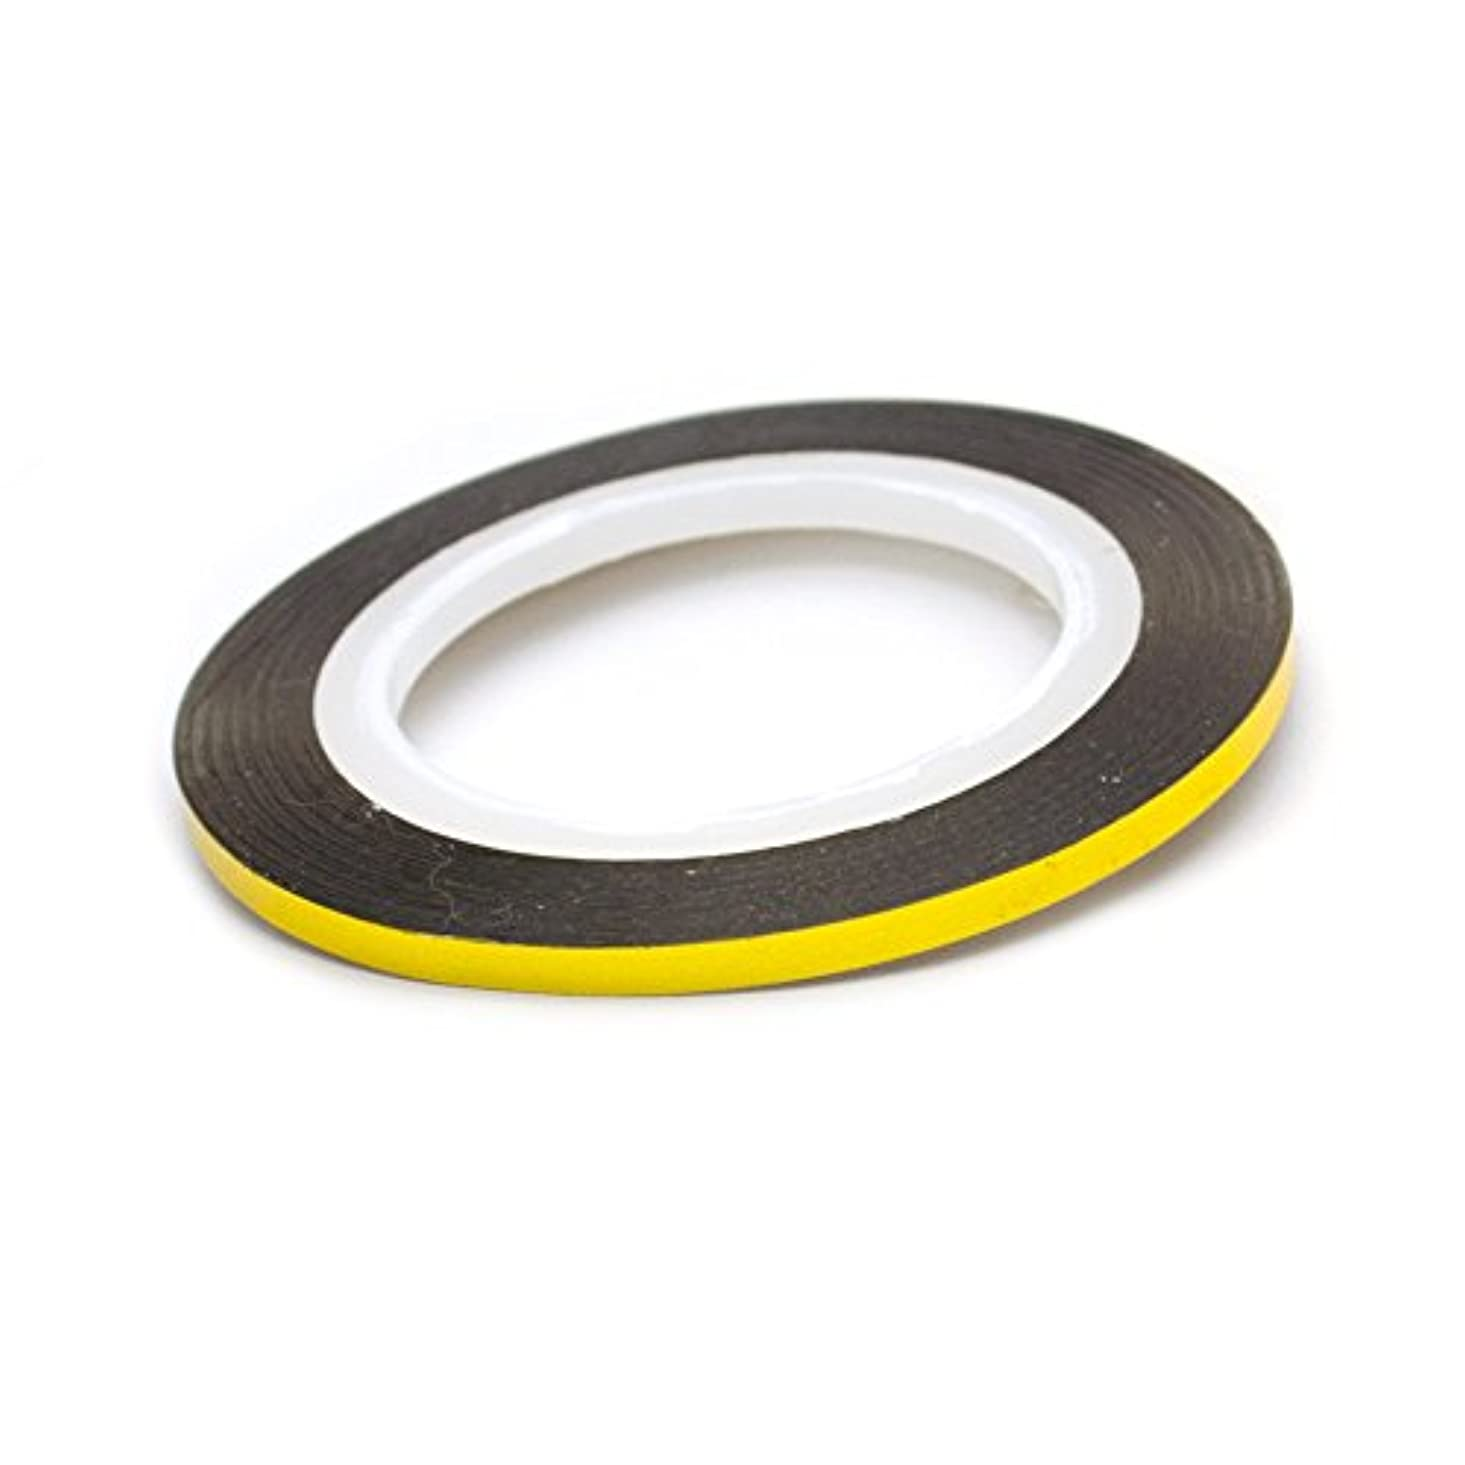 承認するリハーサルすばらしいですネイル ラインテープ【ゴールド】2mm ストライピングテープ